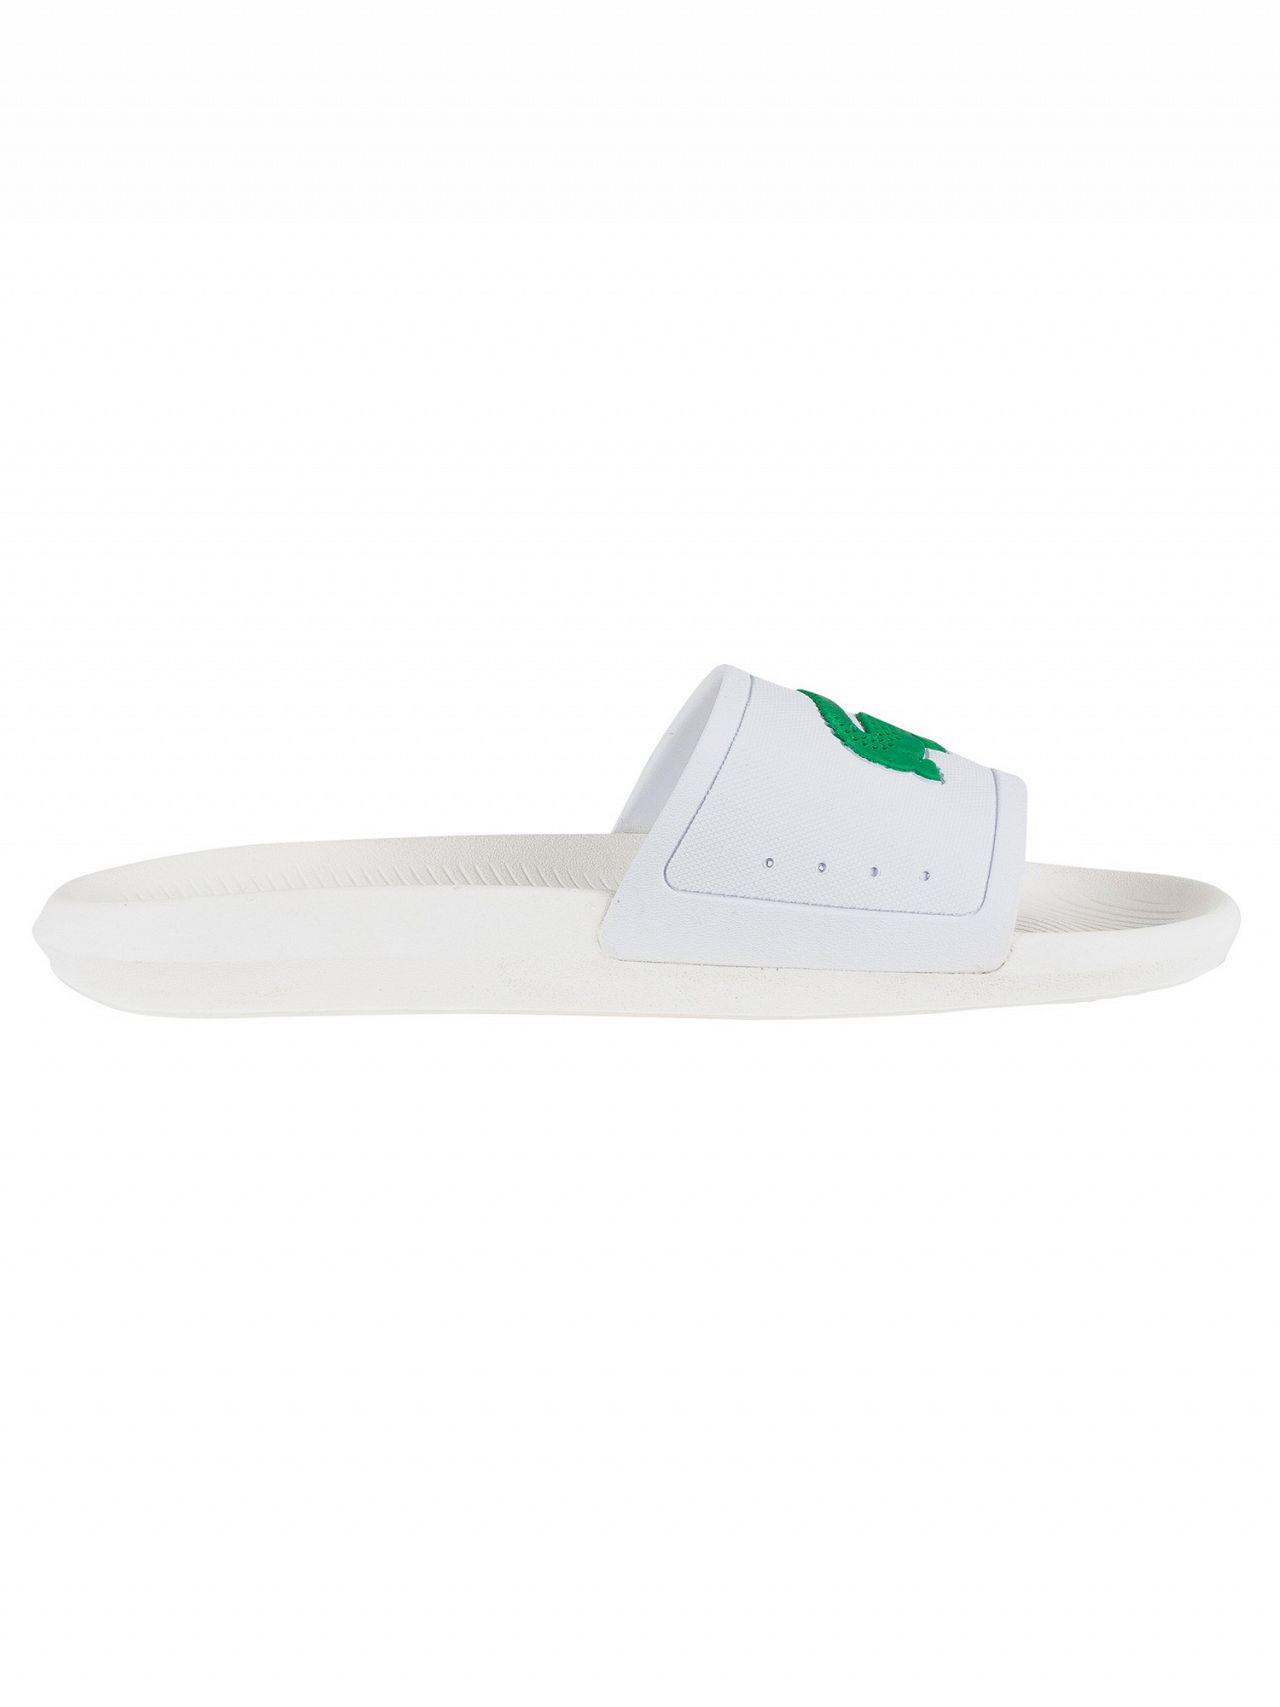 4ff516225d46 Lacoste White Green Croco 119 1 CMA Sliders